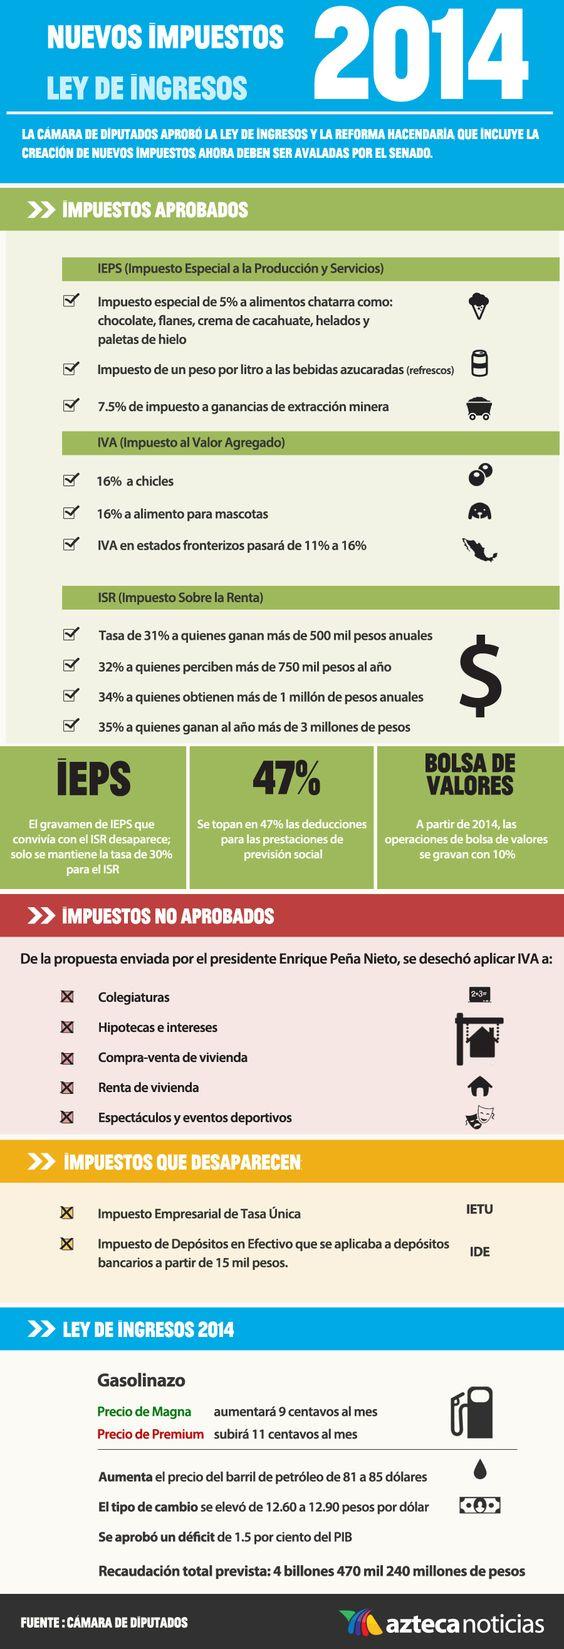 Nuevos impuestos 2014